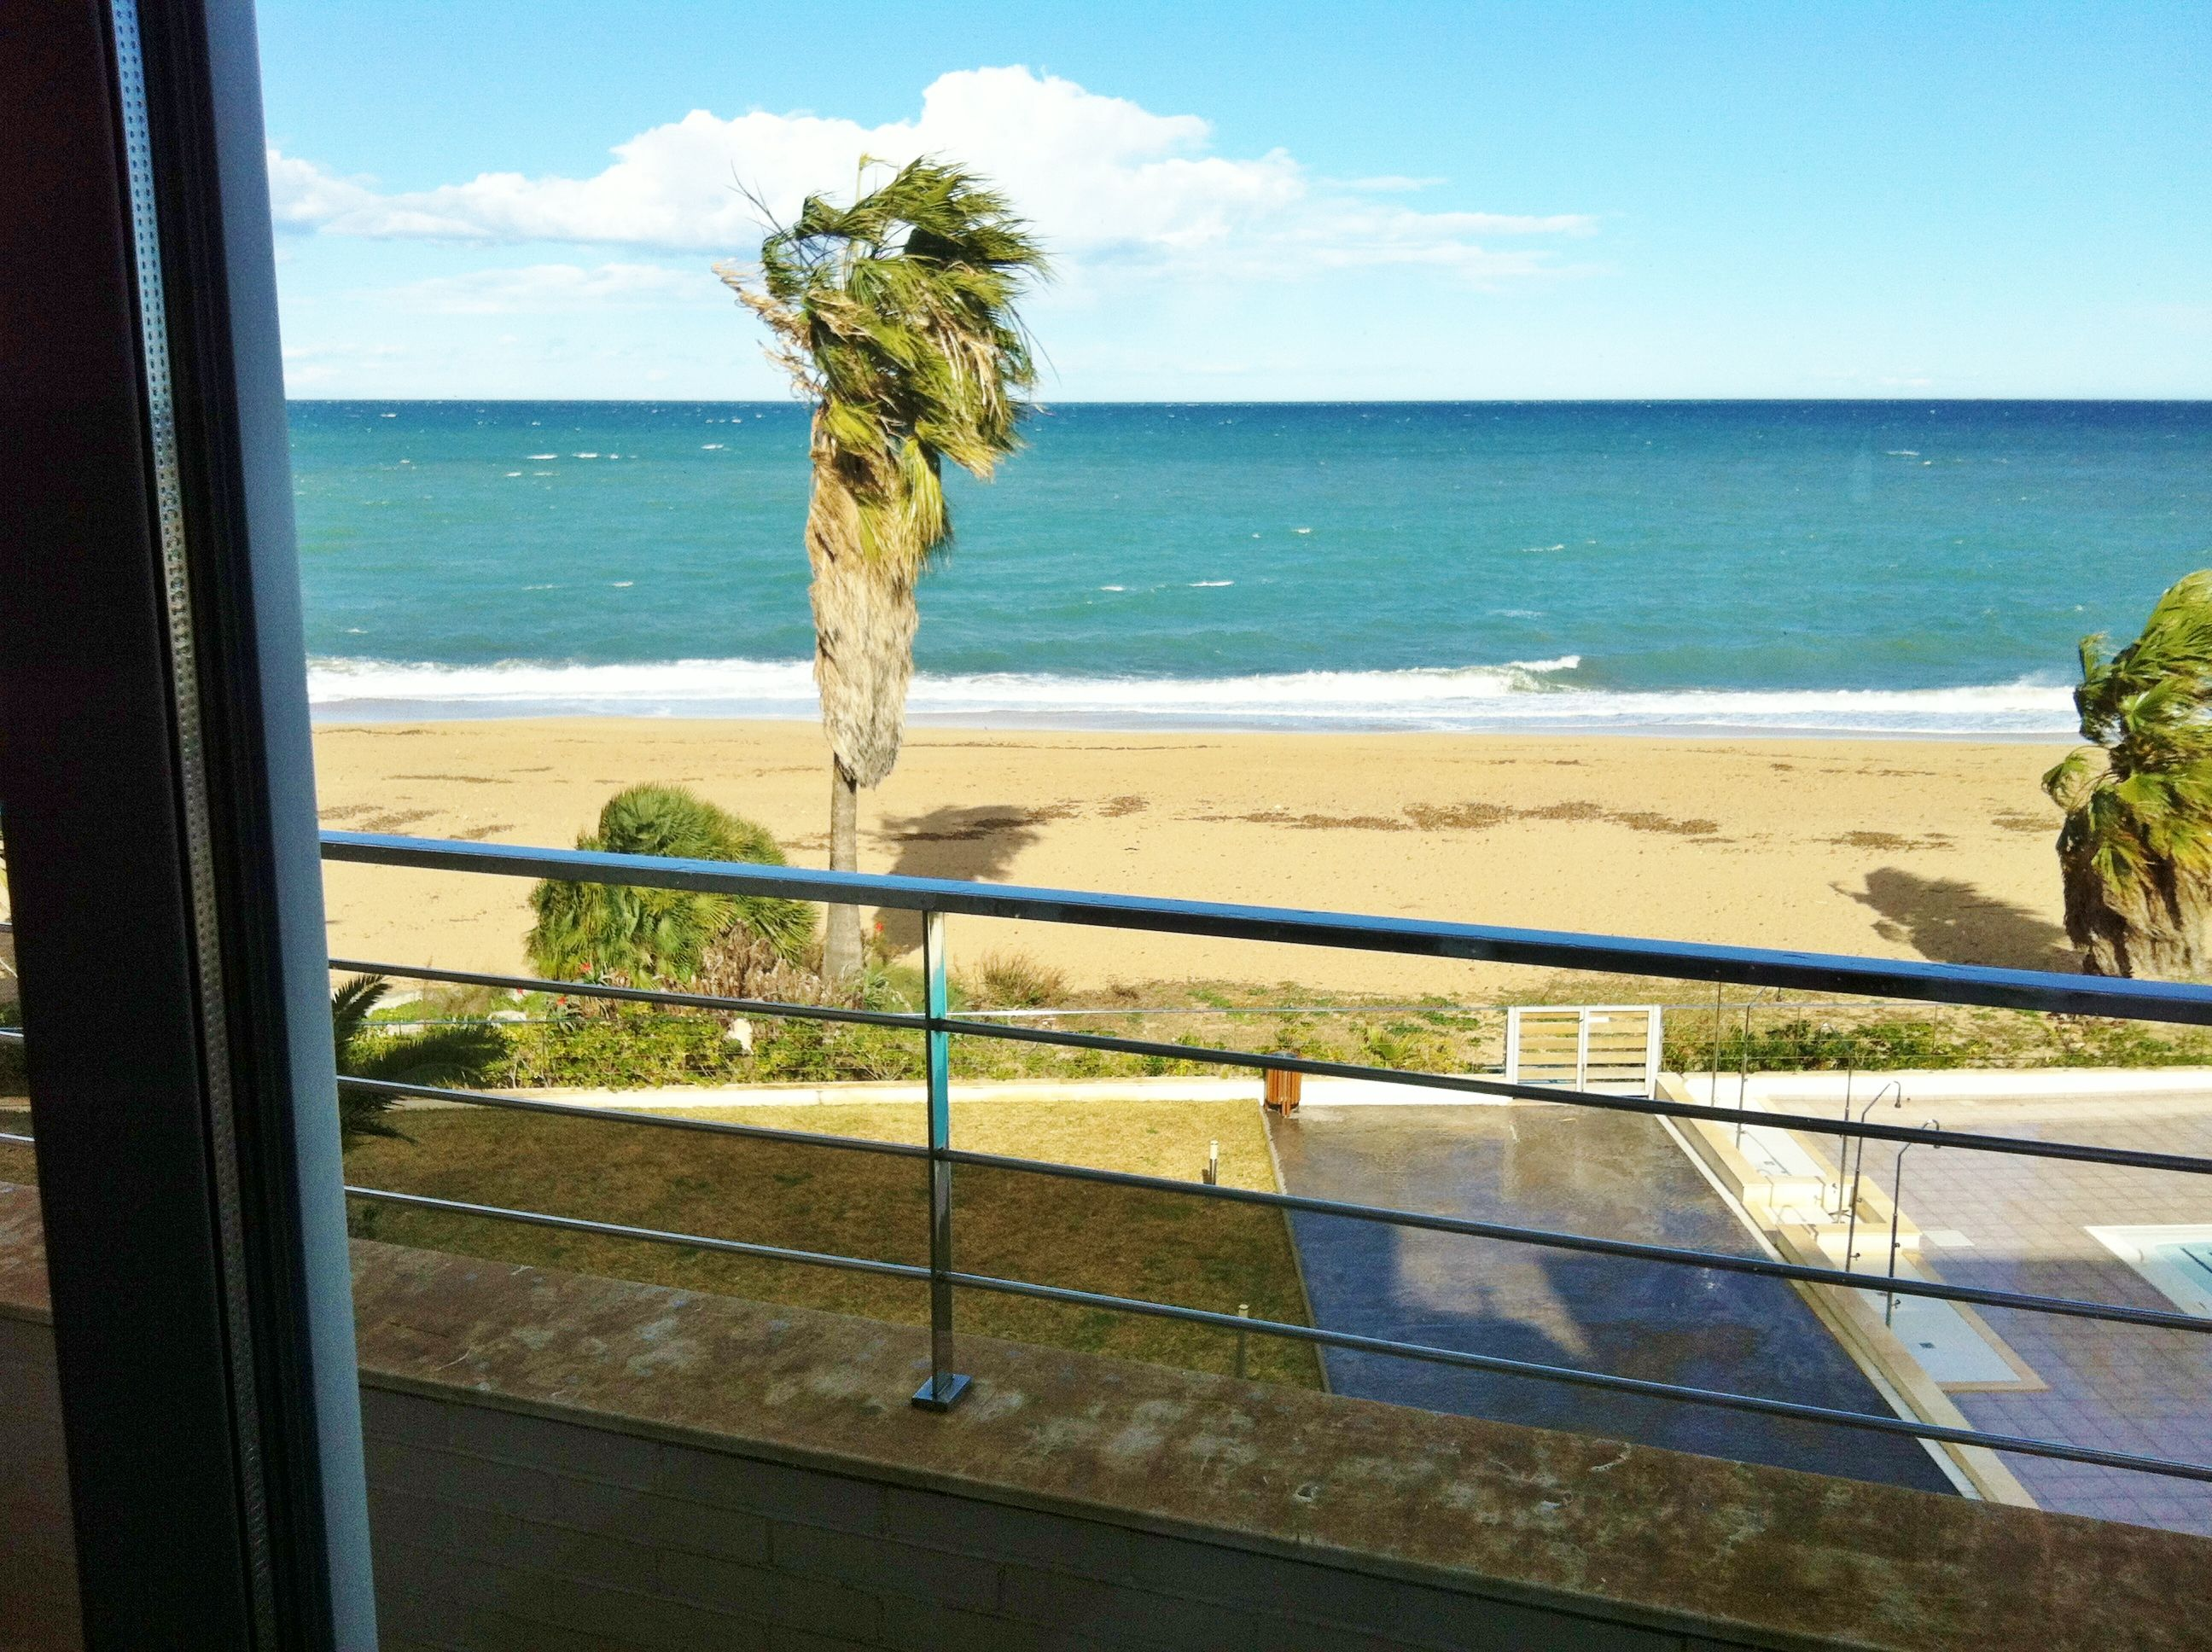 {:es}Duplex en Dénia, 1ª linea de playa   125 m²   2 dorm.{:}{:en}Duplex in Dénia, 1st line of the beach   125 m²   2 bedrooms{:}{:de}Duplex in Dénia, 1. Strandlinie   125 m²   2 SZ{:}{:fr}Duplex à Dénia, 1ère ligne de la plage   125 m²   2 chambres{:}